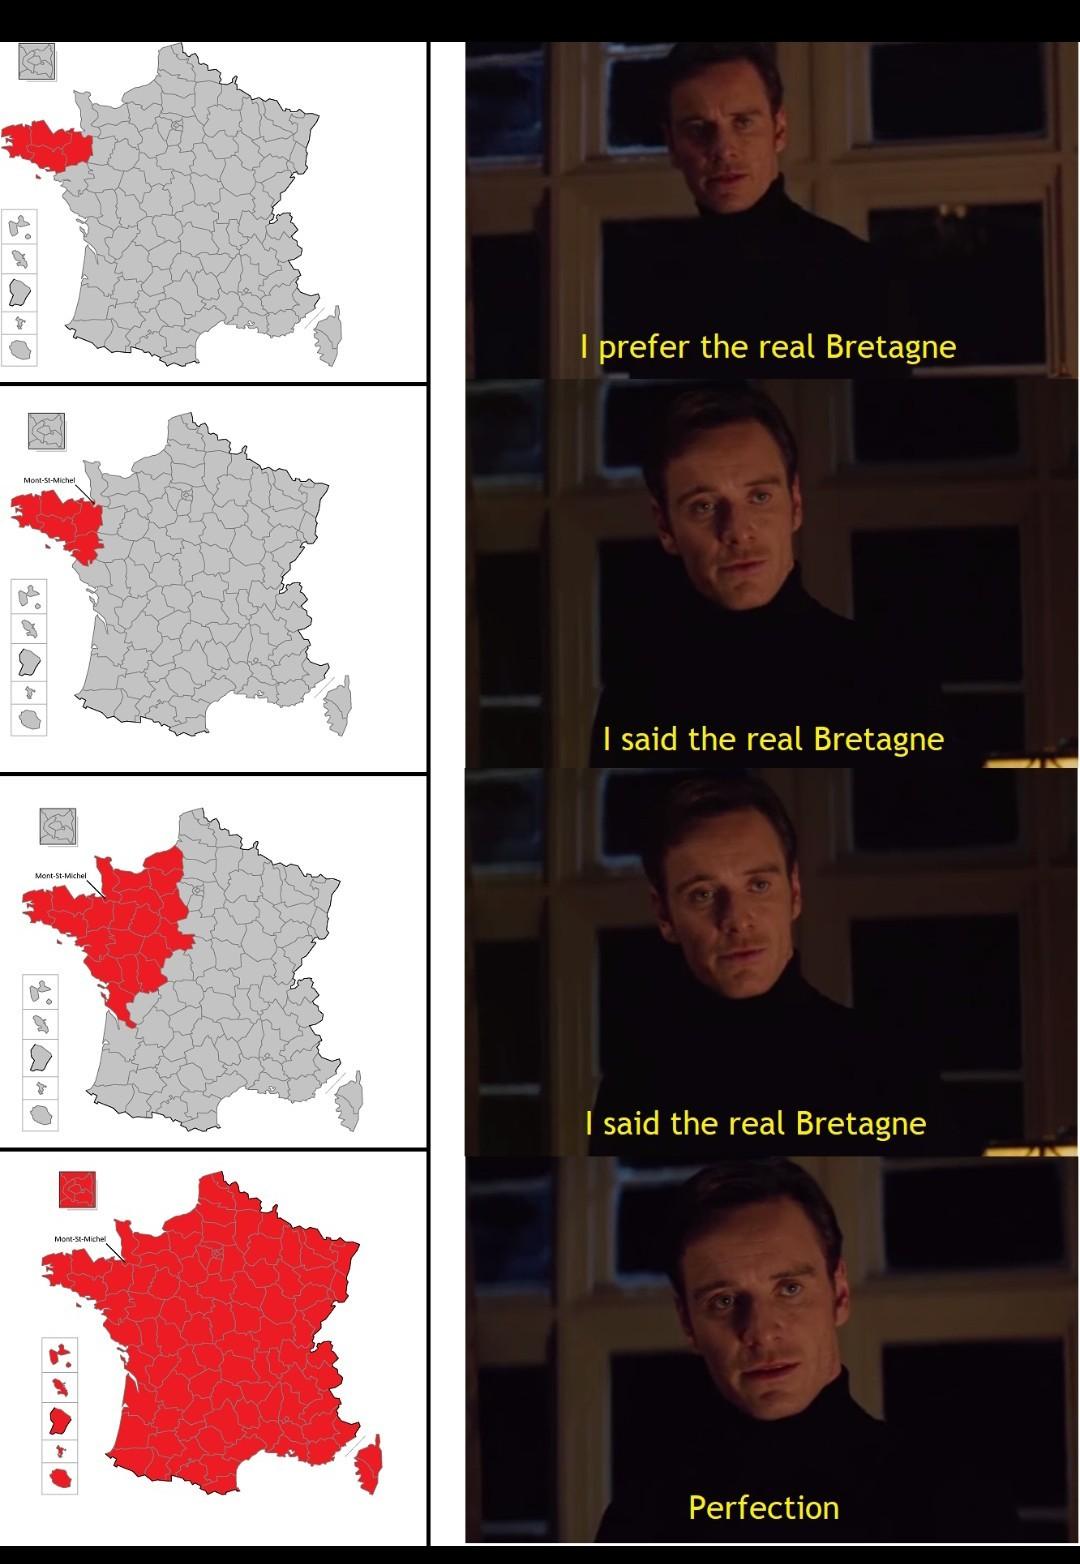 Ce que les bretons rêvent chaque nuit - meme